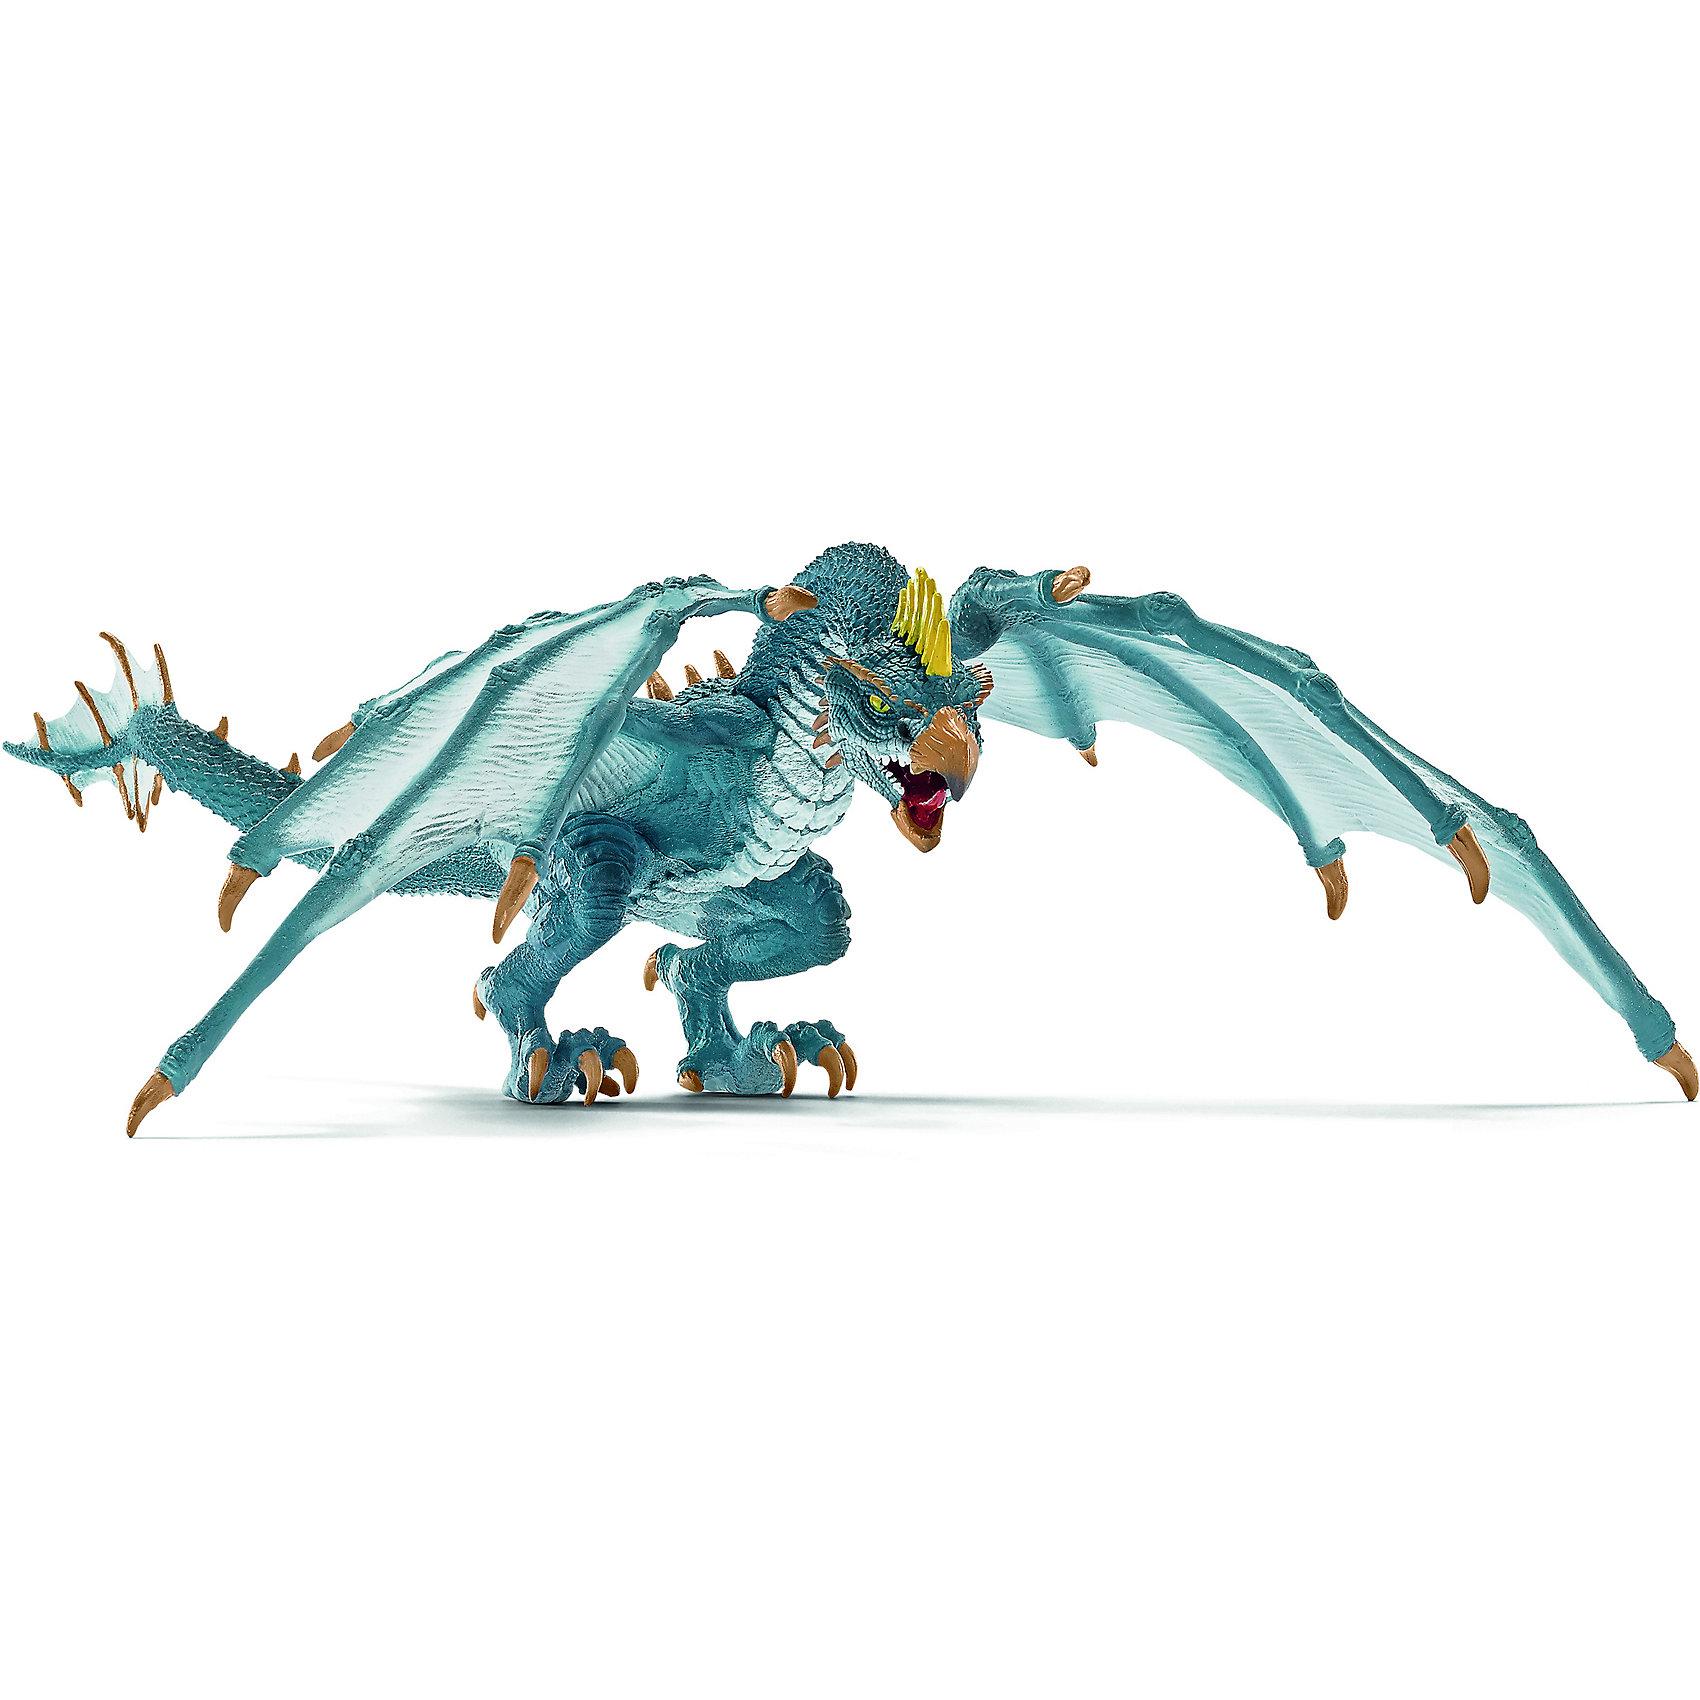 Дракон Летун, SchleichДраконы и динозавры<br>Дракон Летун, Schleich (Шляйх) – это высококачественная игровая фигурка.<br>Дракон Летун из серии Рыцари от Schleich (Шляйх) - восхитительная фигурка дракона, которая сделает игры с рыцарями и воинами еще увлекательнее. Летающий дракон - опасный и ловкий дракон. Он не зря получил прозвище Летун. Воздушный акробат, самый искусный и грозный воздушный вояка. Голова у дракона в виде головы птицы и имеет острый зубастый клюв. На крыльях жуткие и гигантские когти. Фигурка дракона выполнена в голубом цвете. <br>Прекрасно выполненные фигурки Schleich (Шляйх) отличаются высочайшим качеством игрушек ручной работы. Каждая фигурка разработана с учетом исследований в области педагогики и производится как настоящее произведение для маленьких детских ручек. Все фигурки Schleich (Шляйх) сделаны из гипоаллергенных высокотехнологичных материалов, раскрашены вручную и не вызывают аллергии у ребенка.<br><br>Дополнительная информация:<br><br>- Размер фигурки: 26 х 25 х 8,5 см.<br>- Материал: высококачественный каучуковый пластик<br><br>Фигурку Дракон Летун, Schleich (Шляйх) можно купить в нашем интернет-магазине.<br><br>Ширина мм: 234<br>Глубина мм: 256<br>Высота мм: 109<br>Вес г: 146<br>Возраст от месяцев: 36<br>Возраст до месяцев: 96<br>Пол: Мужской<br>Возраст: Детский<br>SKU: 3902628